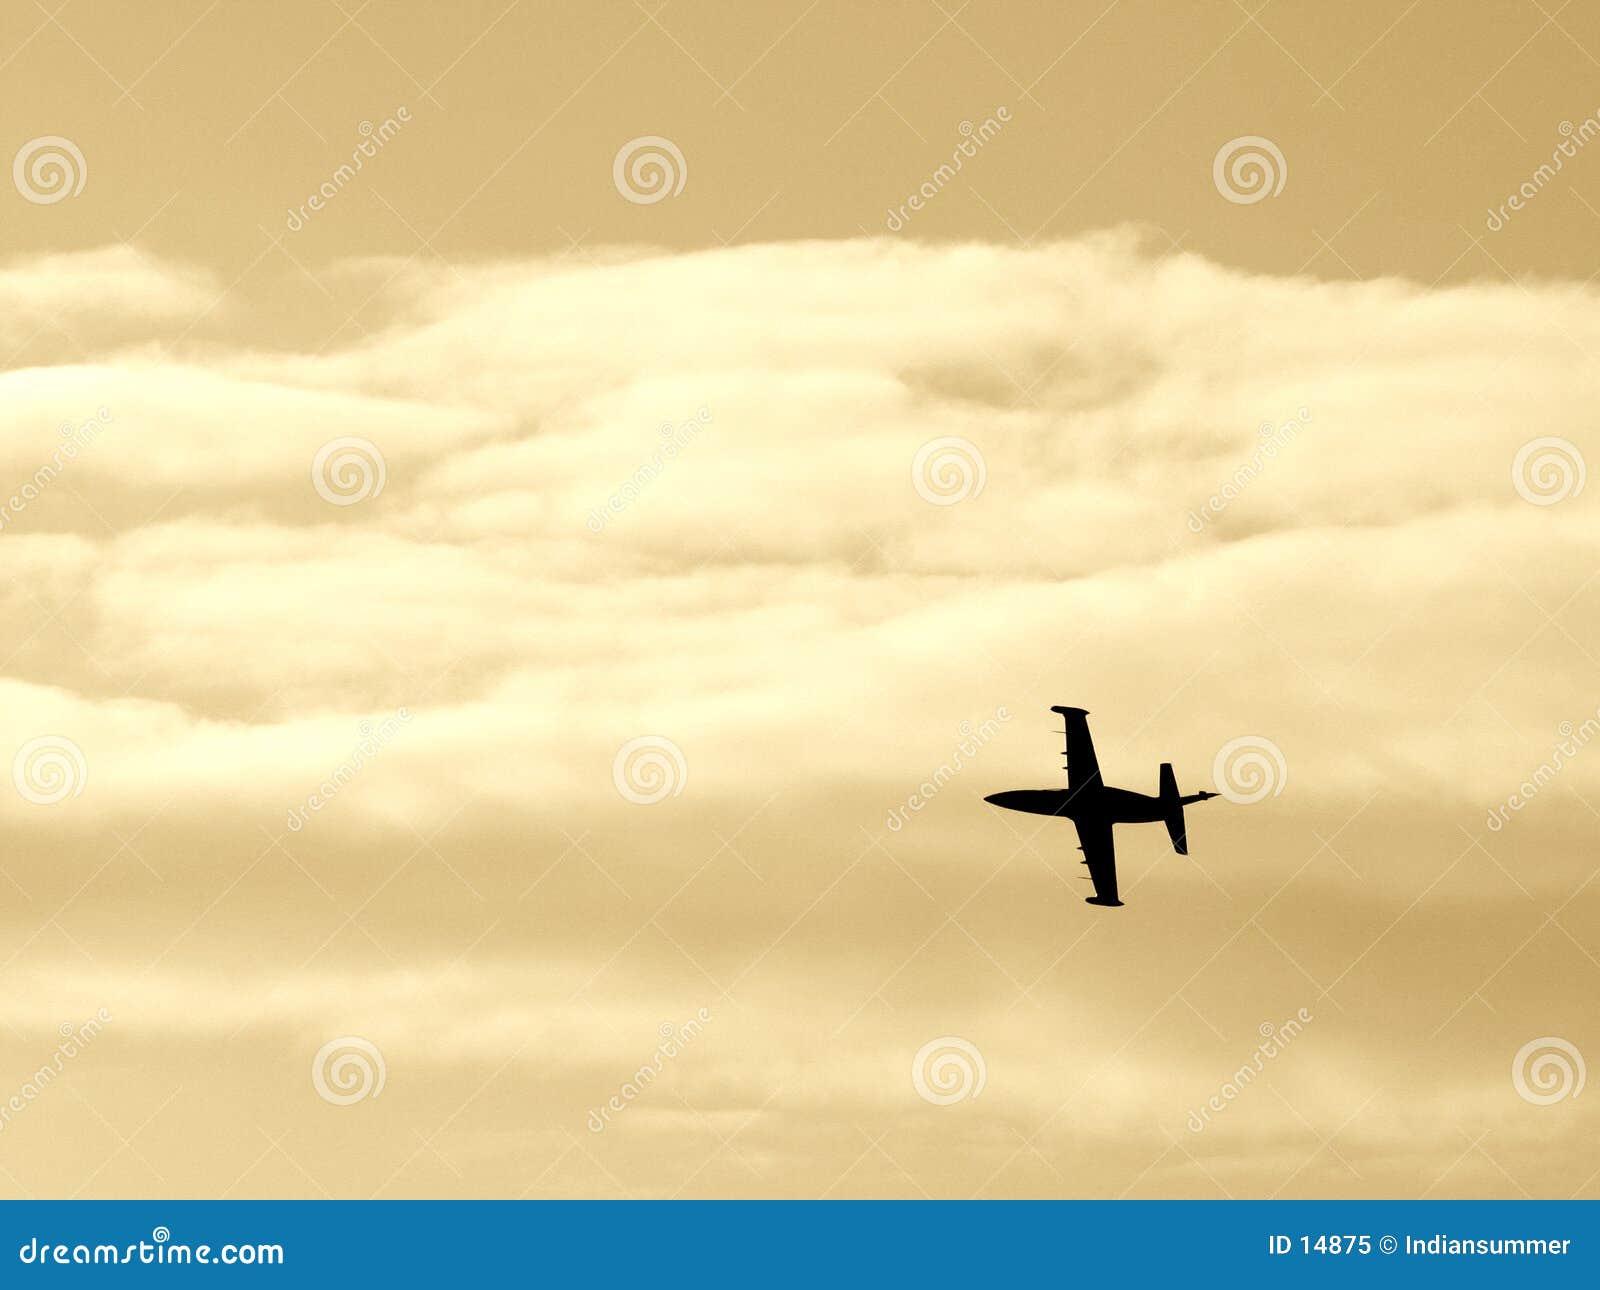 Samolot iv wojownika.